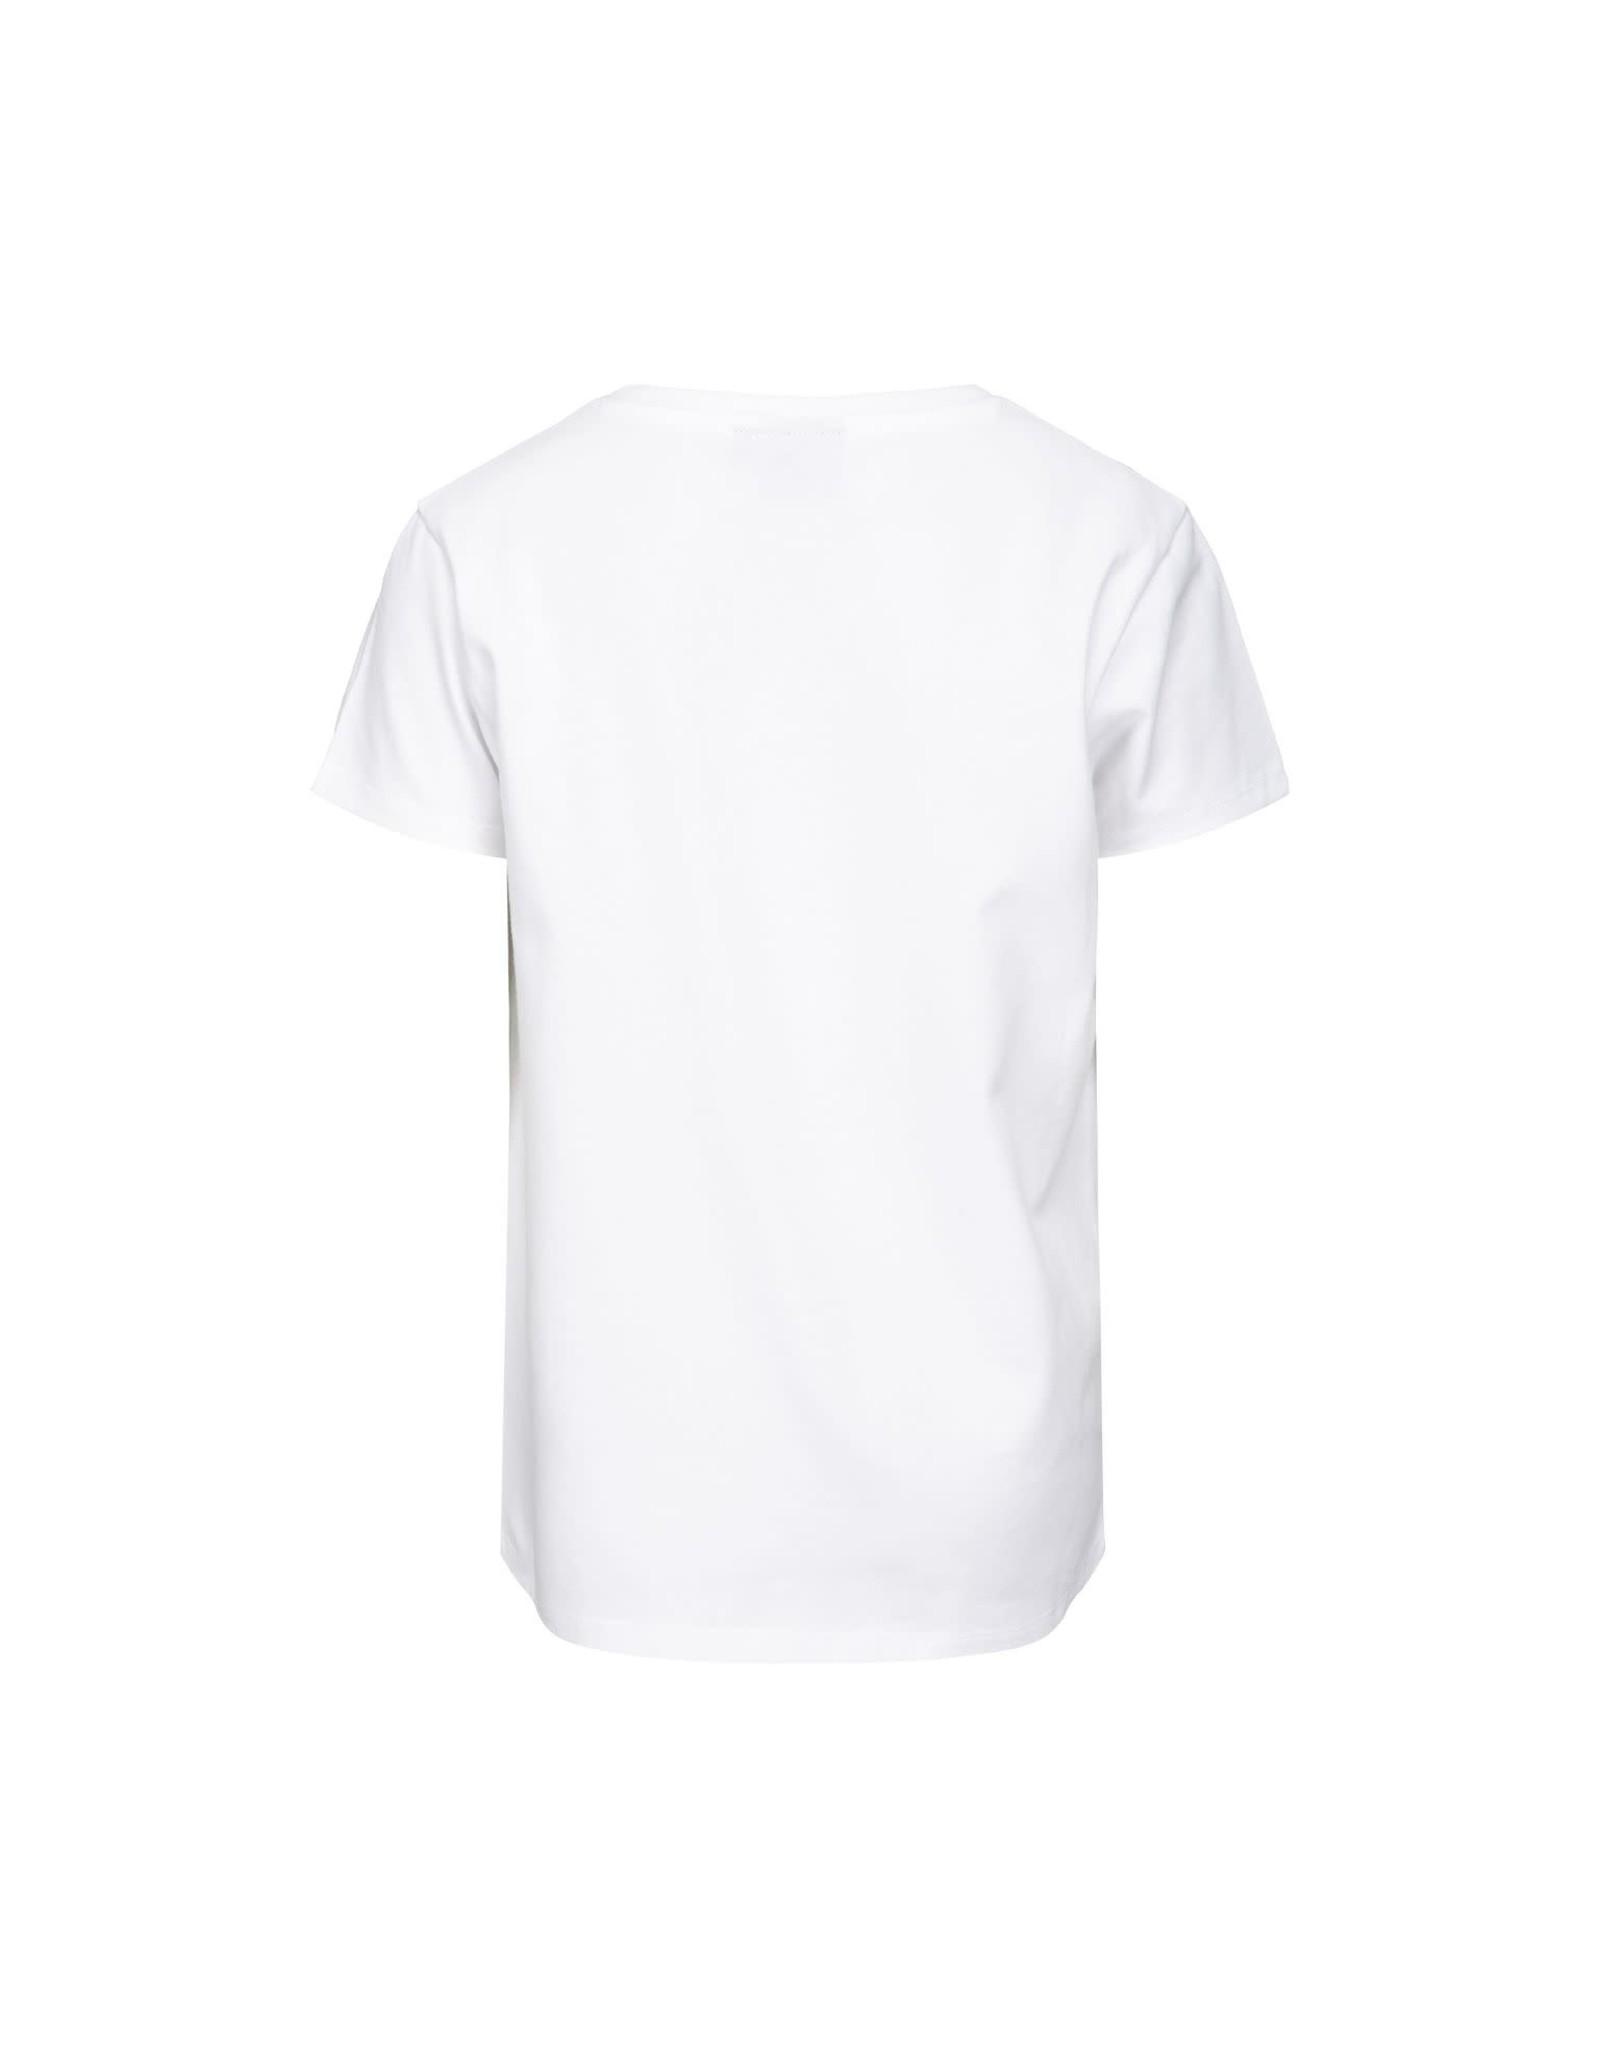 Petit by Sofie Schnoor t-shirt white